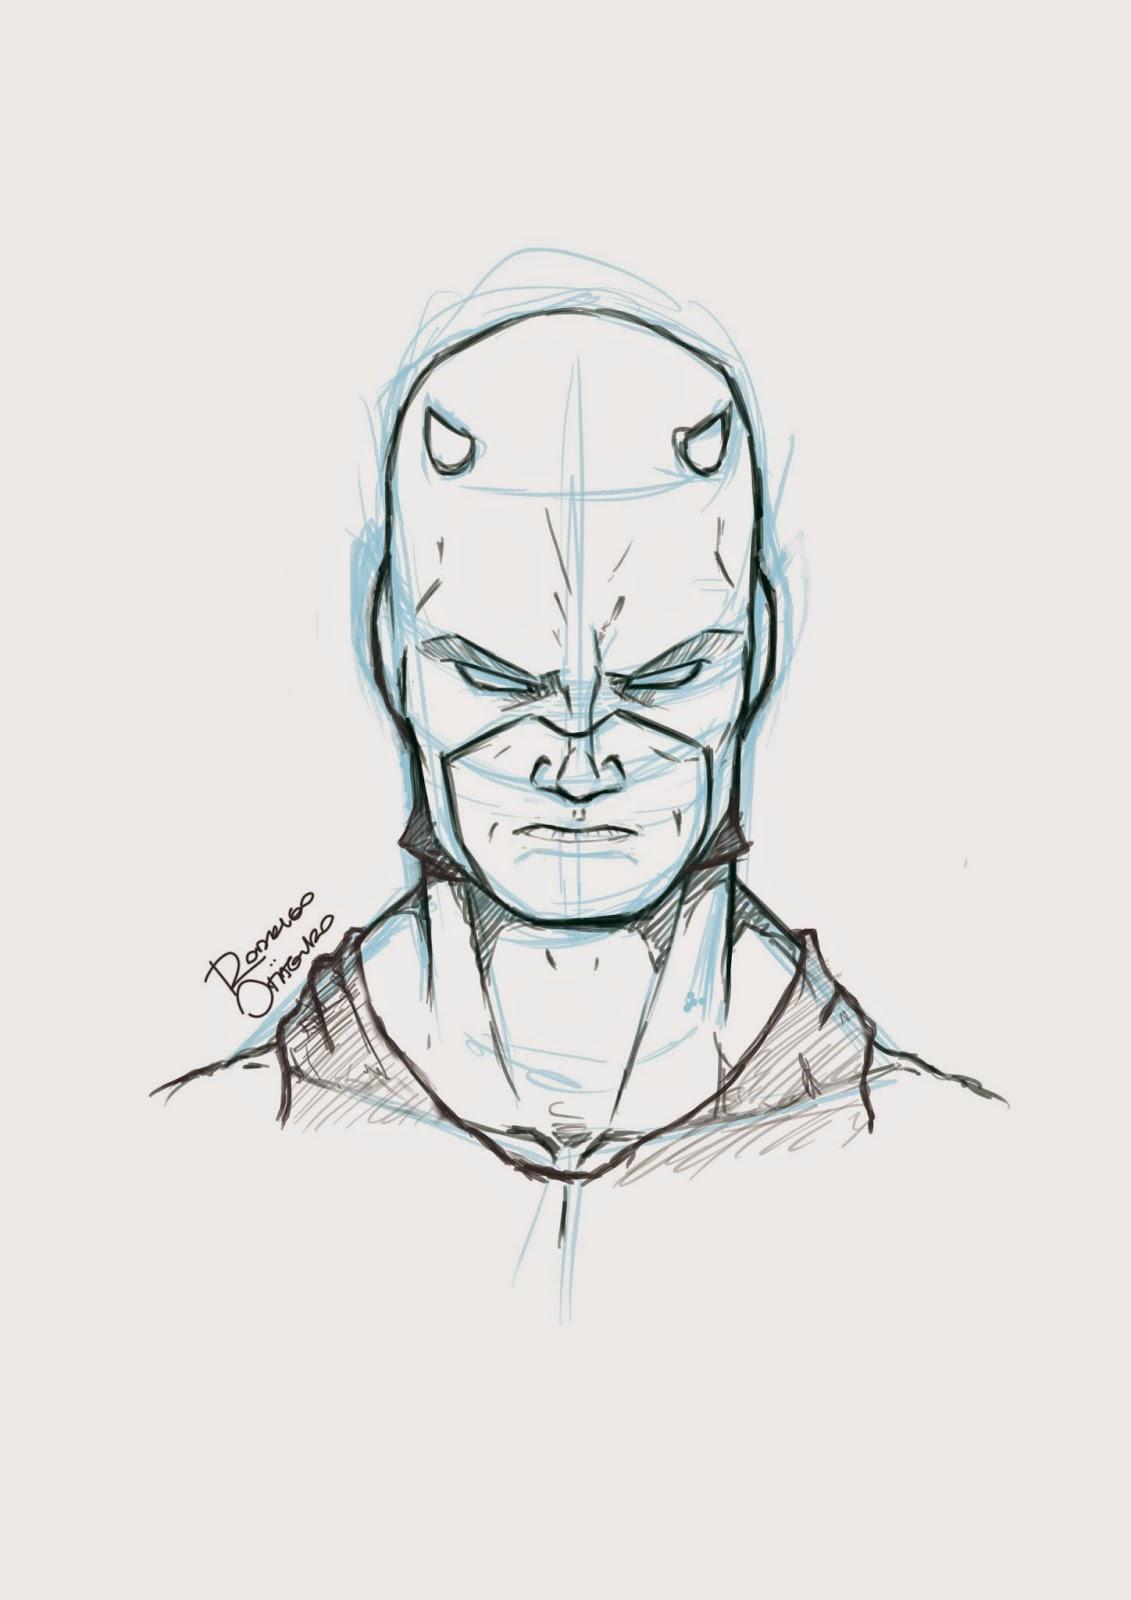 Ilustração digital do personagem Marvel, Demolidor, por Rodrigo Otäguro